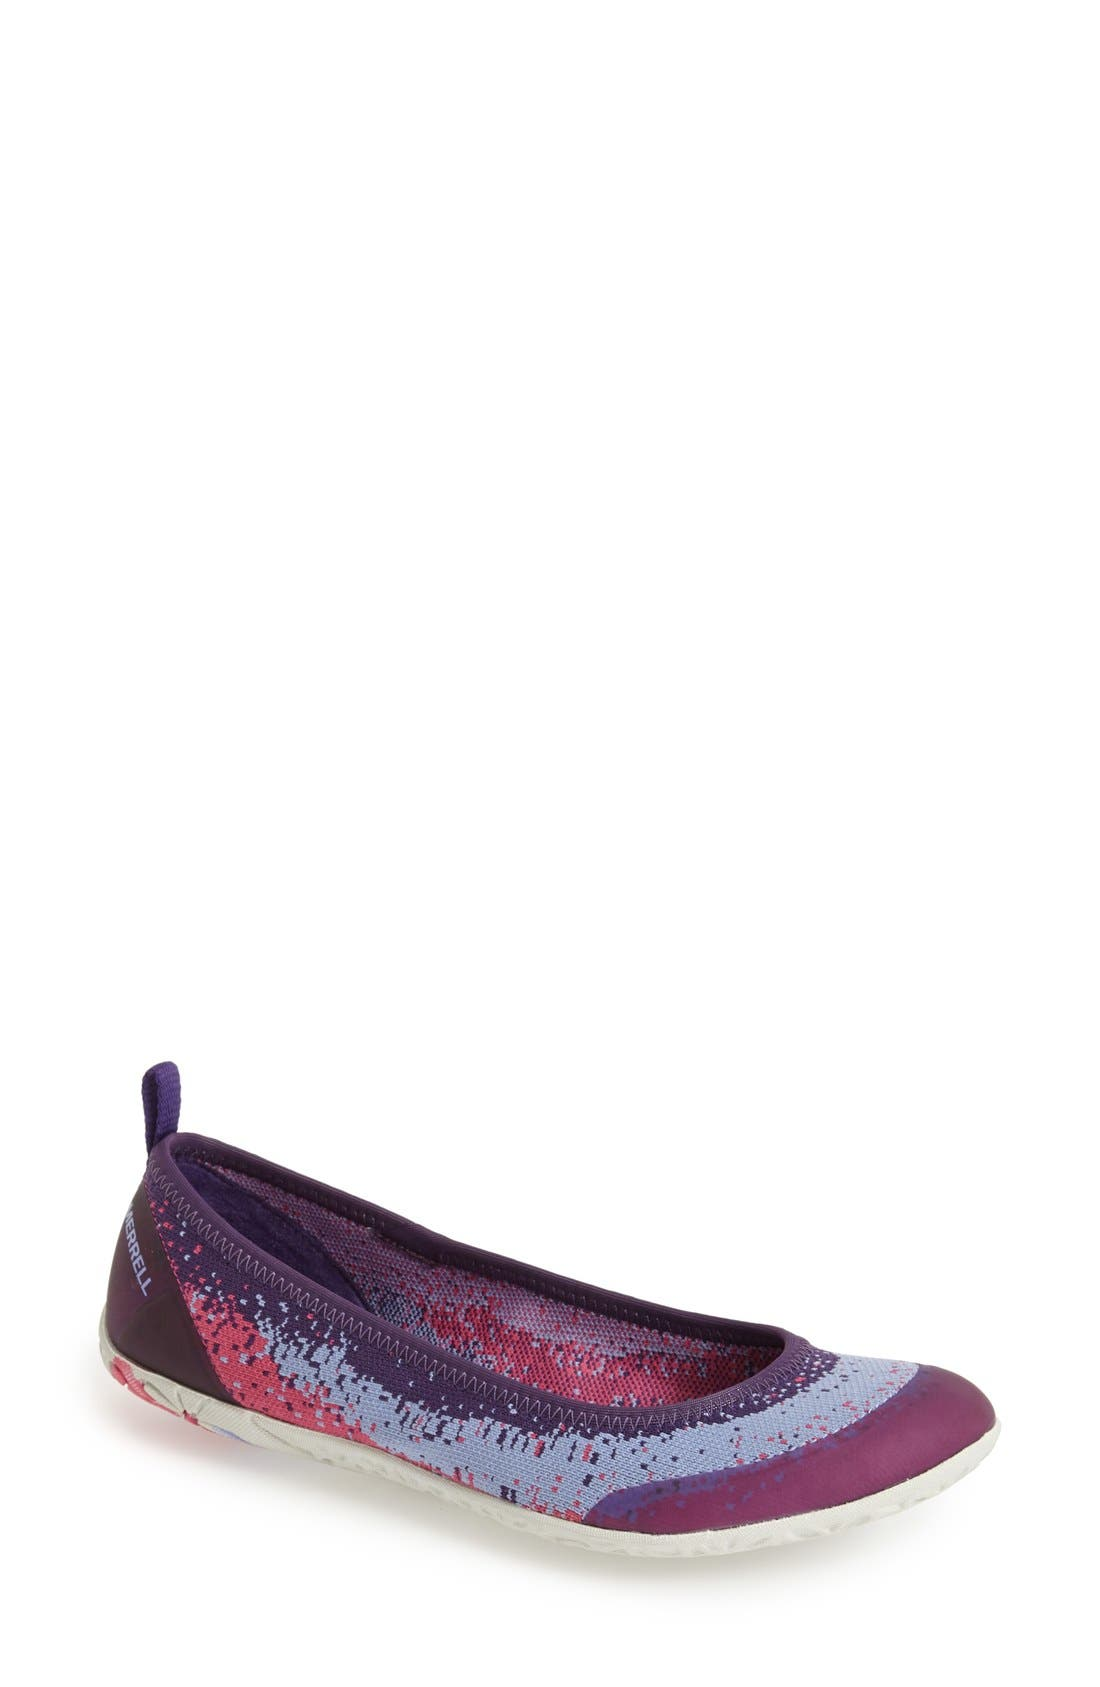 Alternate Image 1 Selected - Merrell 'Mimix Meld' Sneaker (Women)